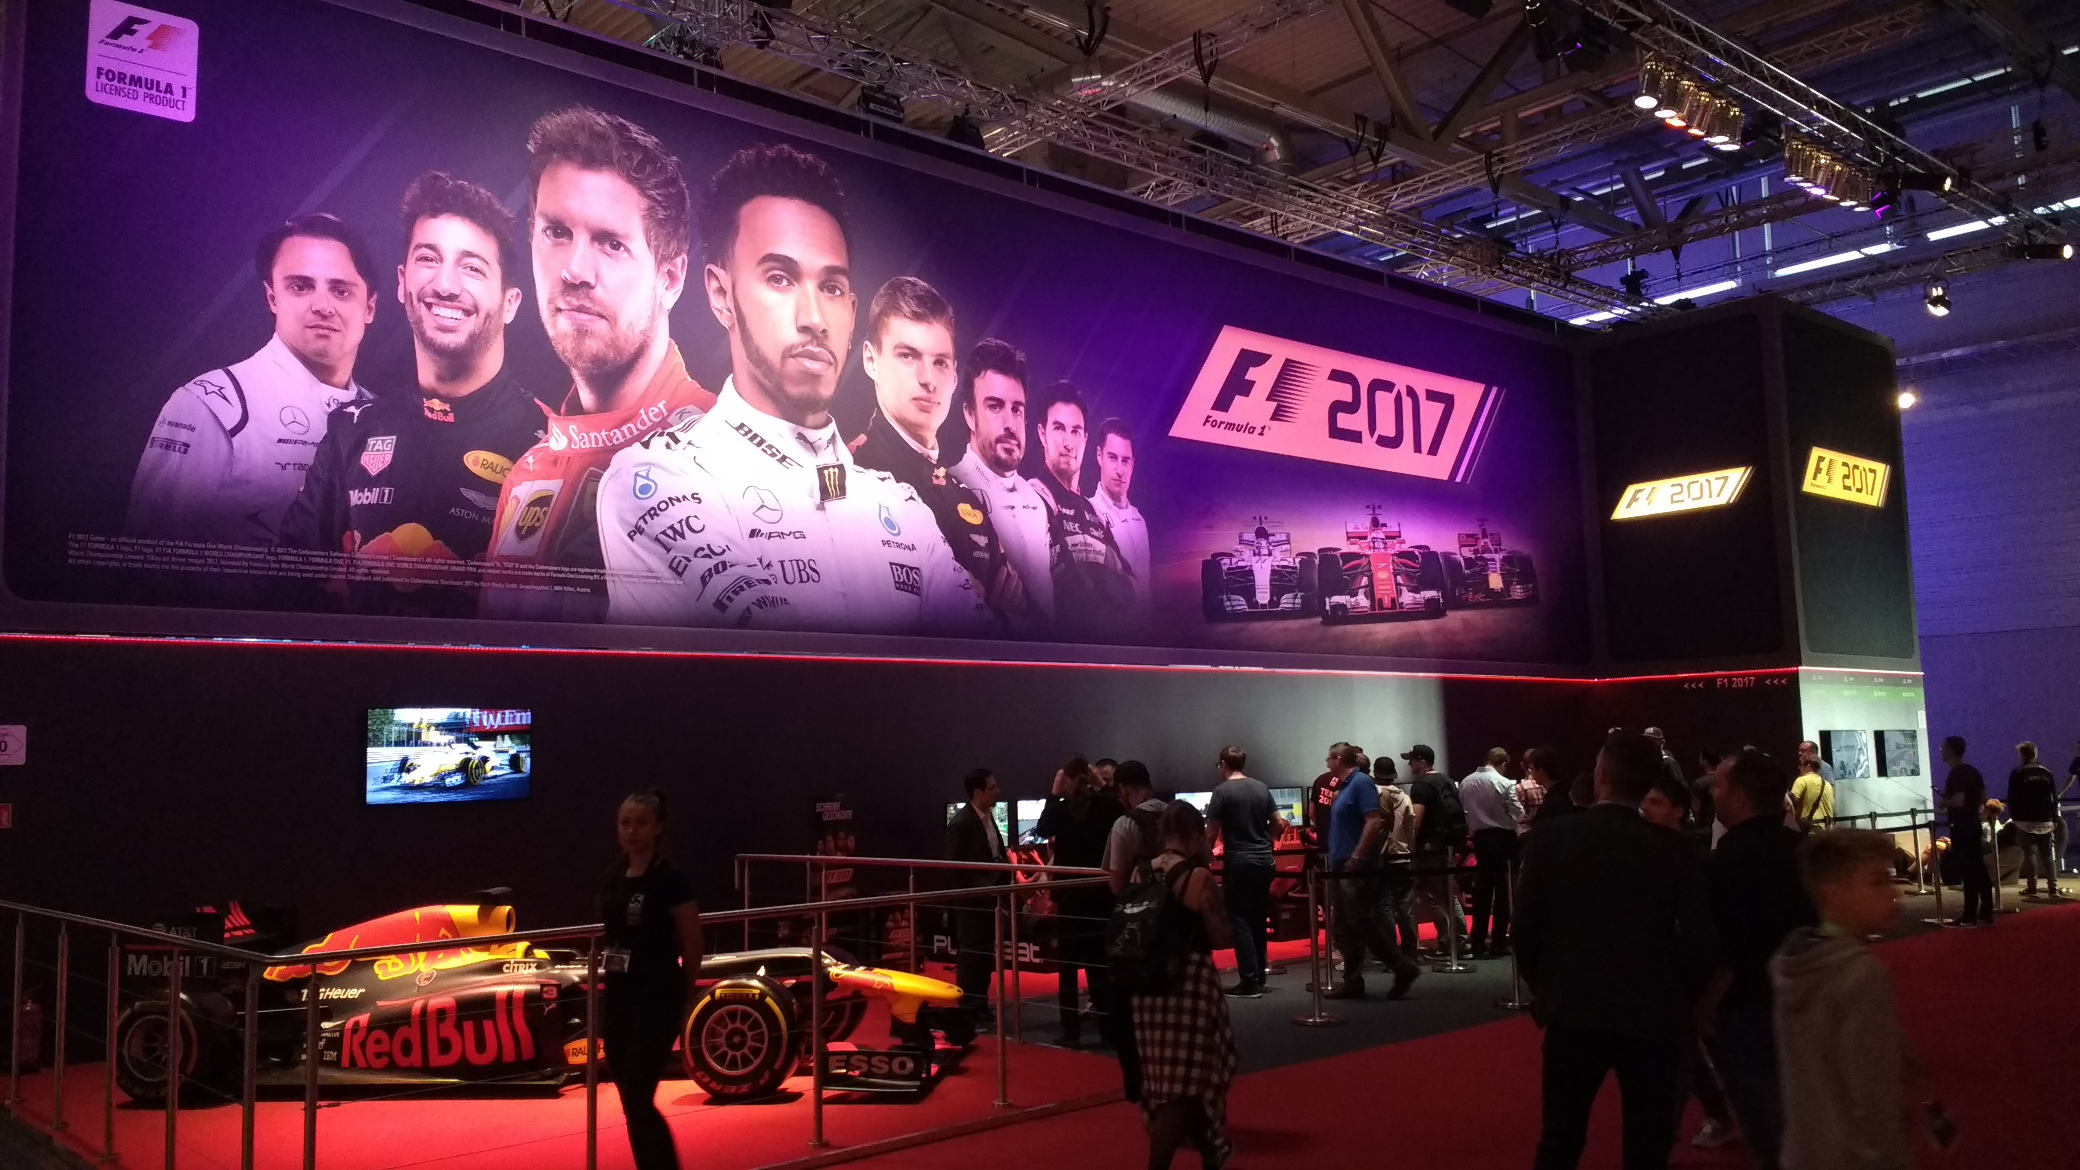 Stand von Koch Media mit F1 2017 und einem Formel-1-Auto von Red Bull